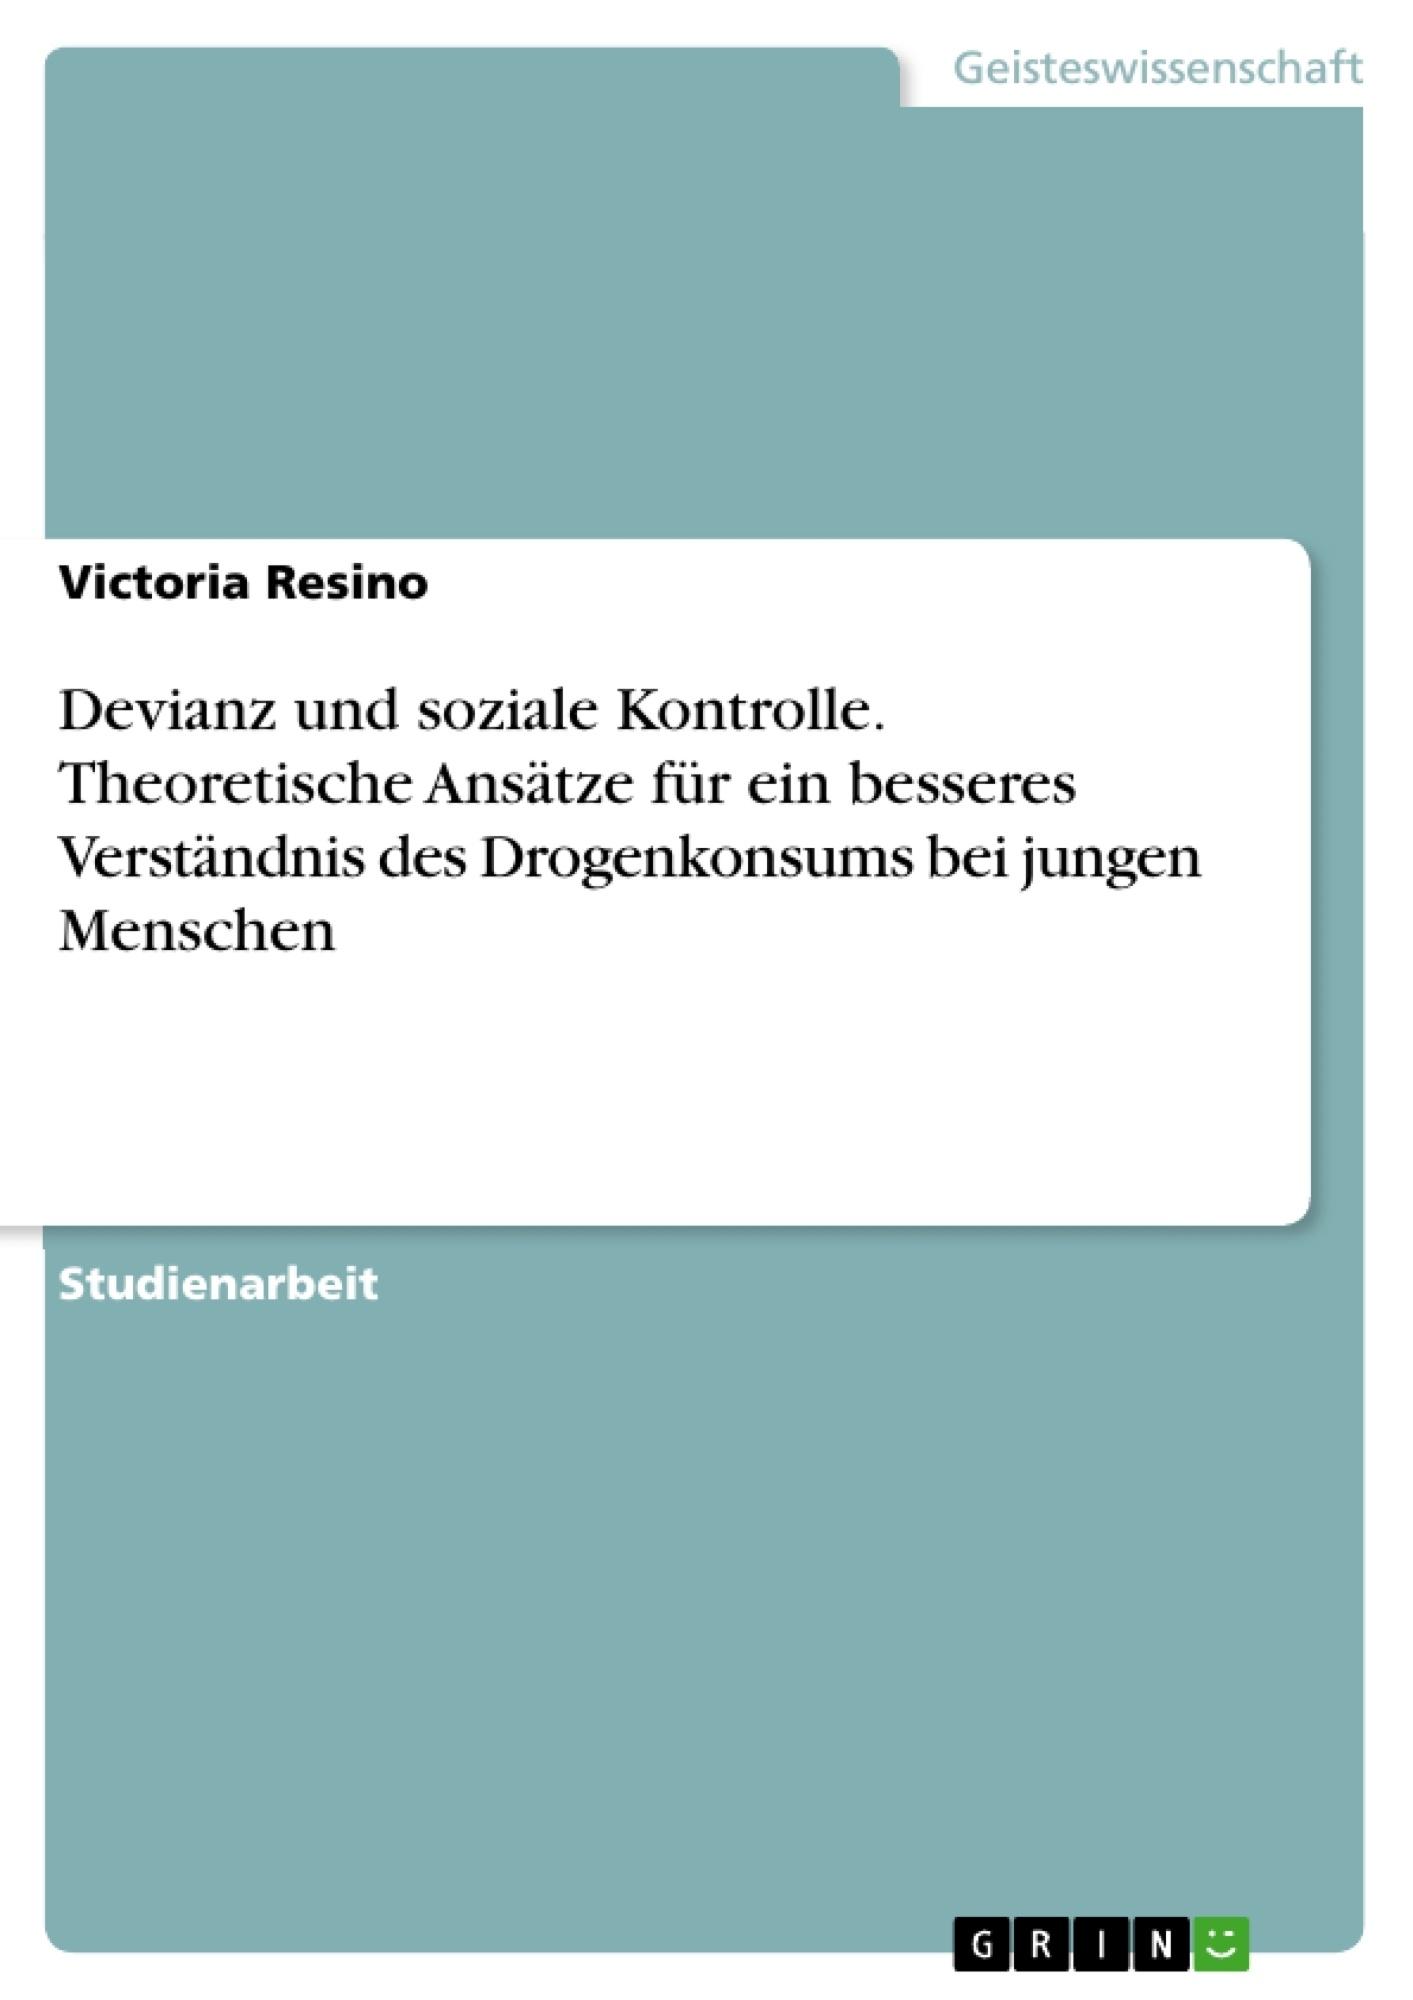 Titel: Devianz und soziale Kontrolle. Theoretische Ansätze für ein besseres Verständnis des Drogenkonsums bei jungen Menschen